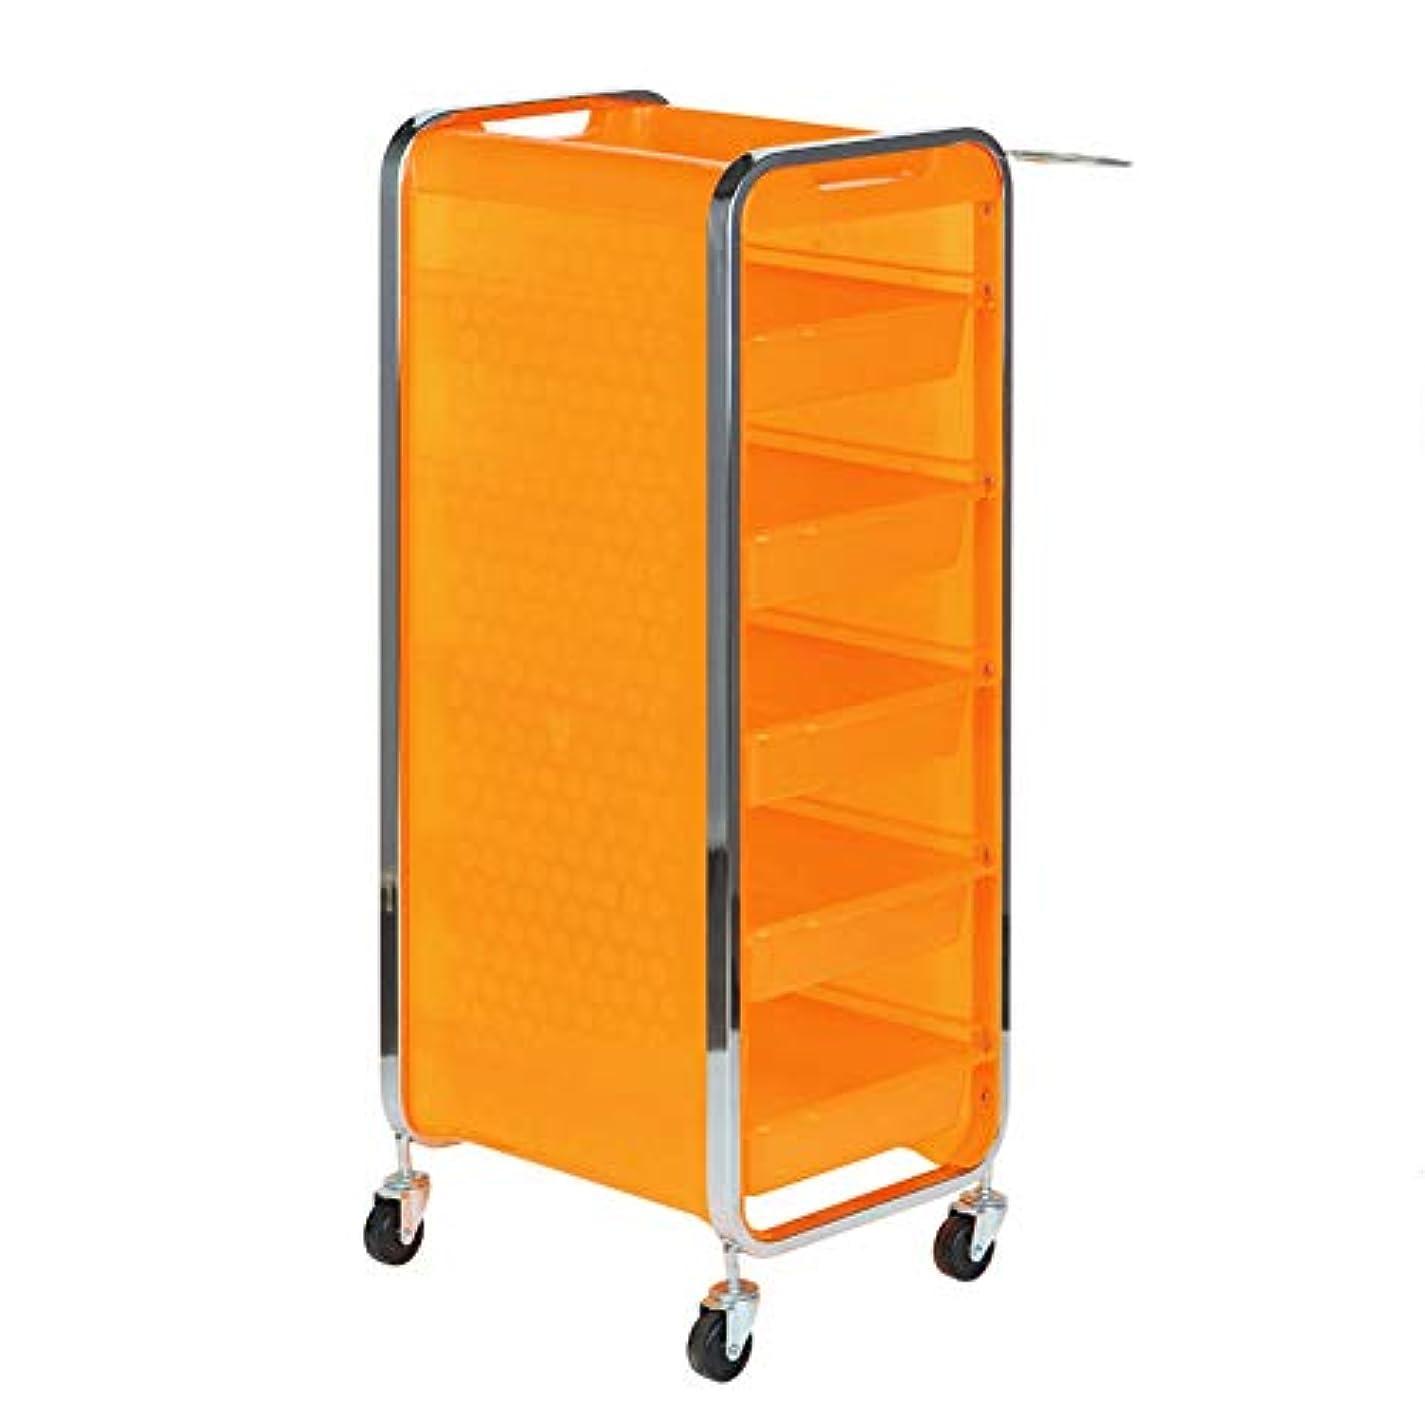 インテリア光沢奴隷サロン美容院トロリー美容美容収納カート6層トレイ多機能引き出し虹色,Orange,A